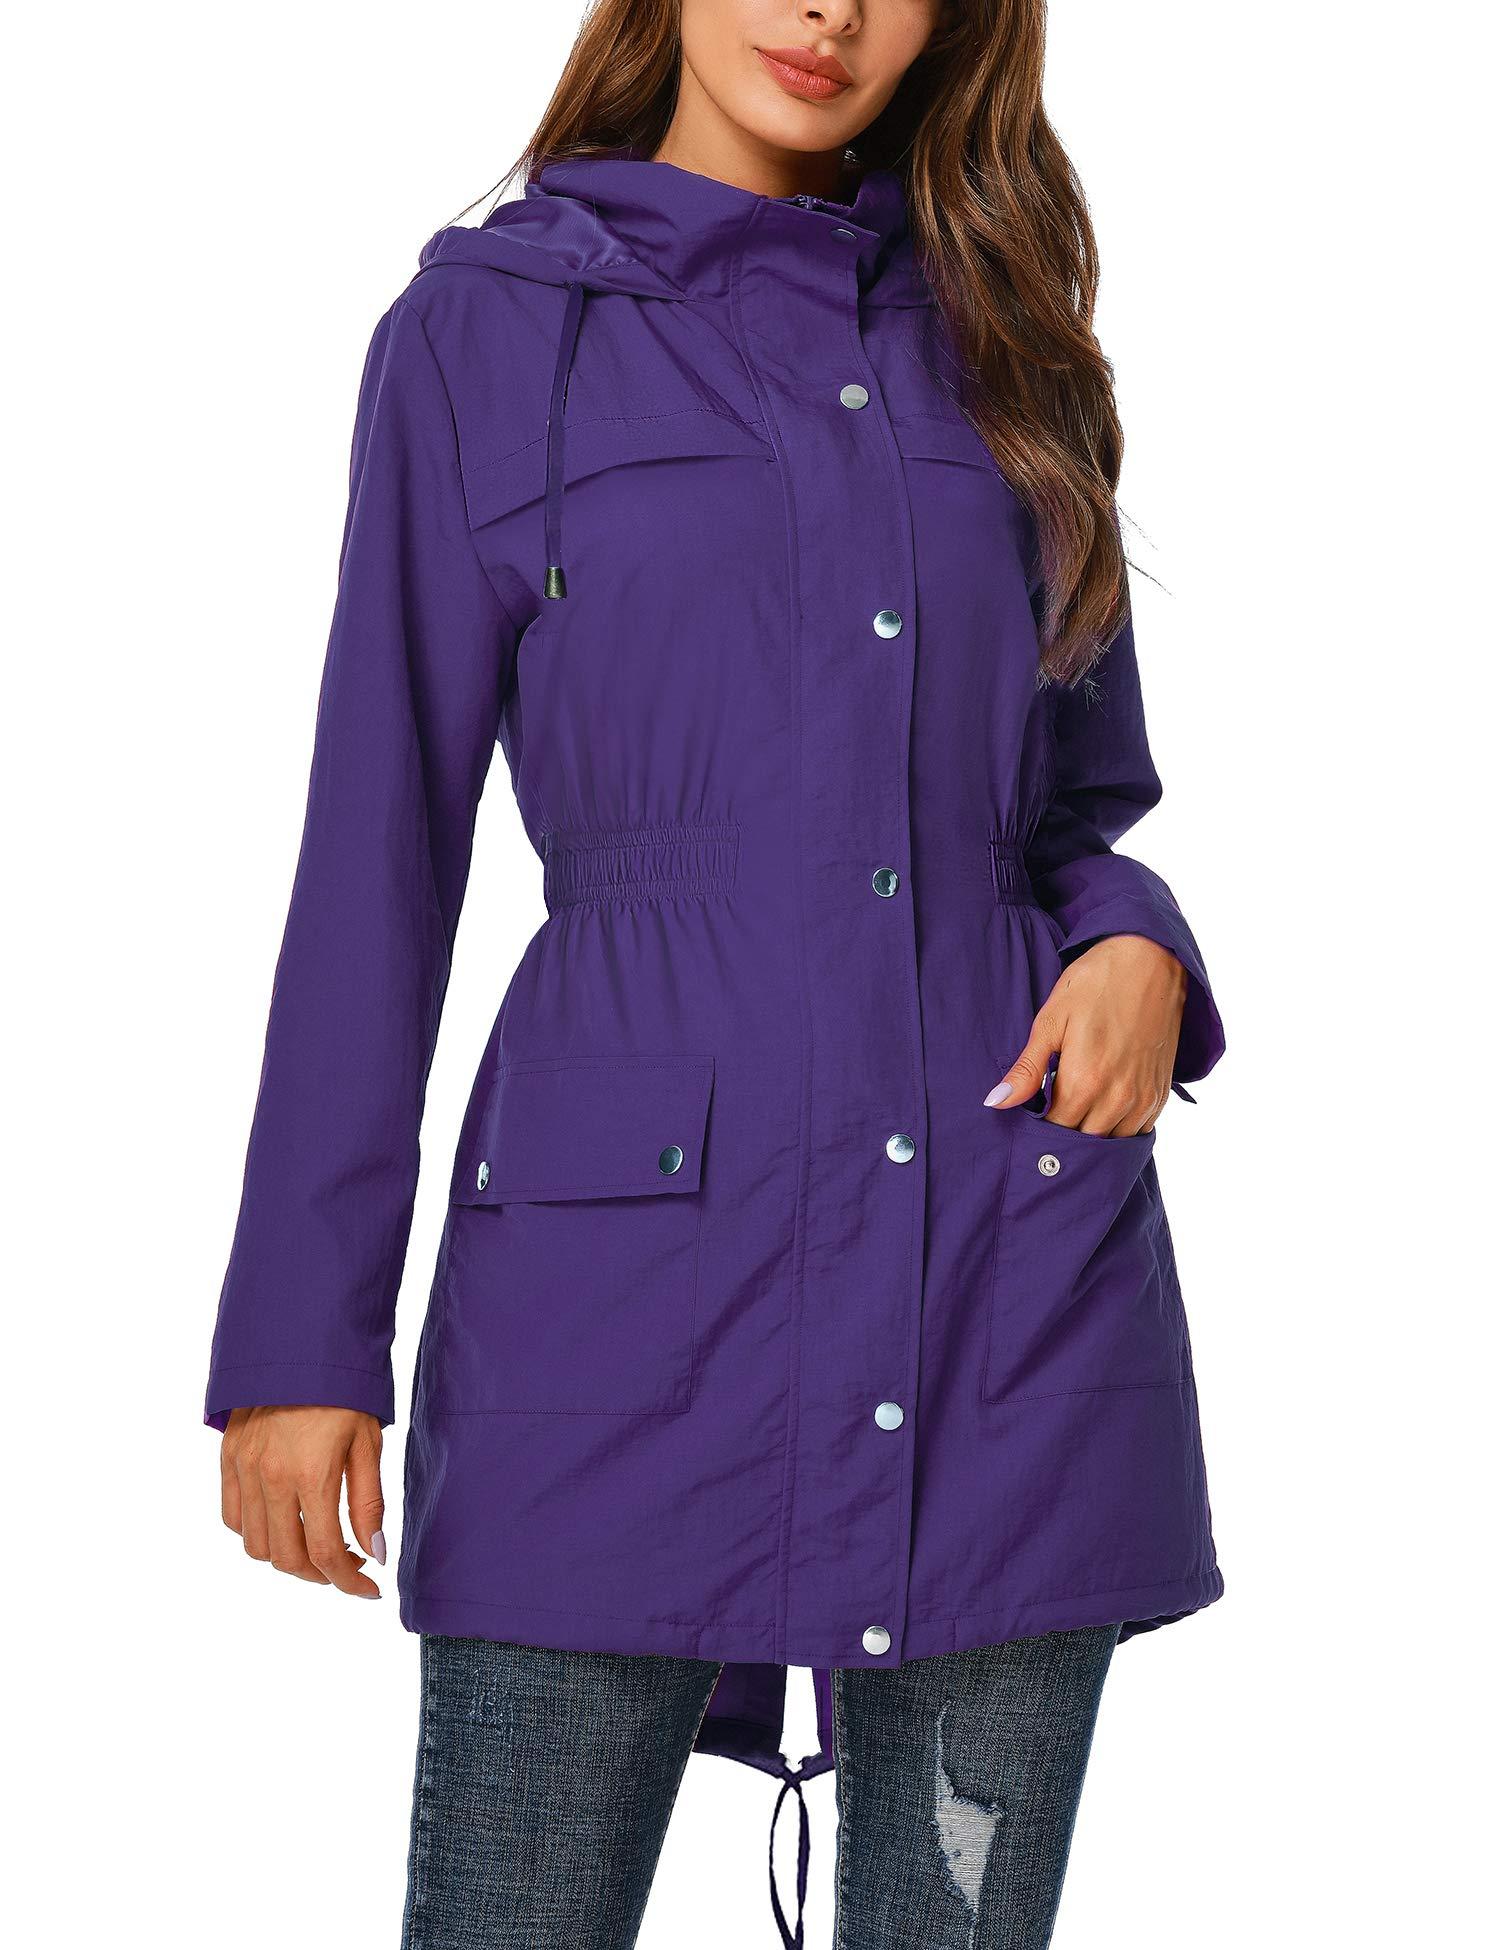 UUANG Rain Jacket Women Waterproof with Hood Outdoor Raincoat Active Lightweight Jacket S-2XL